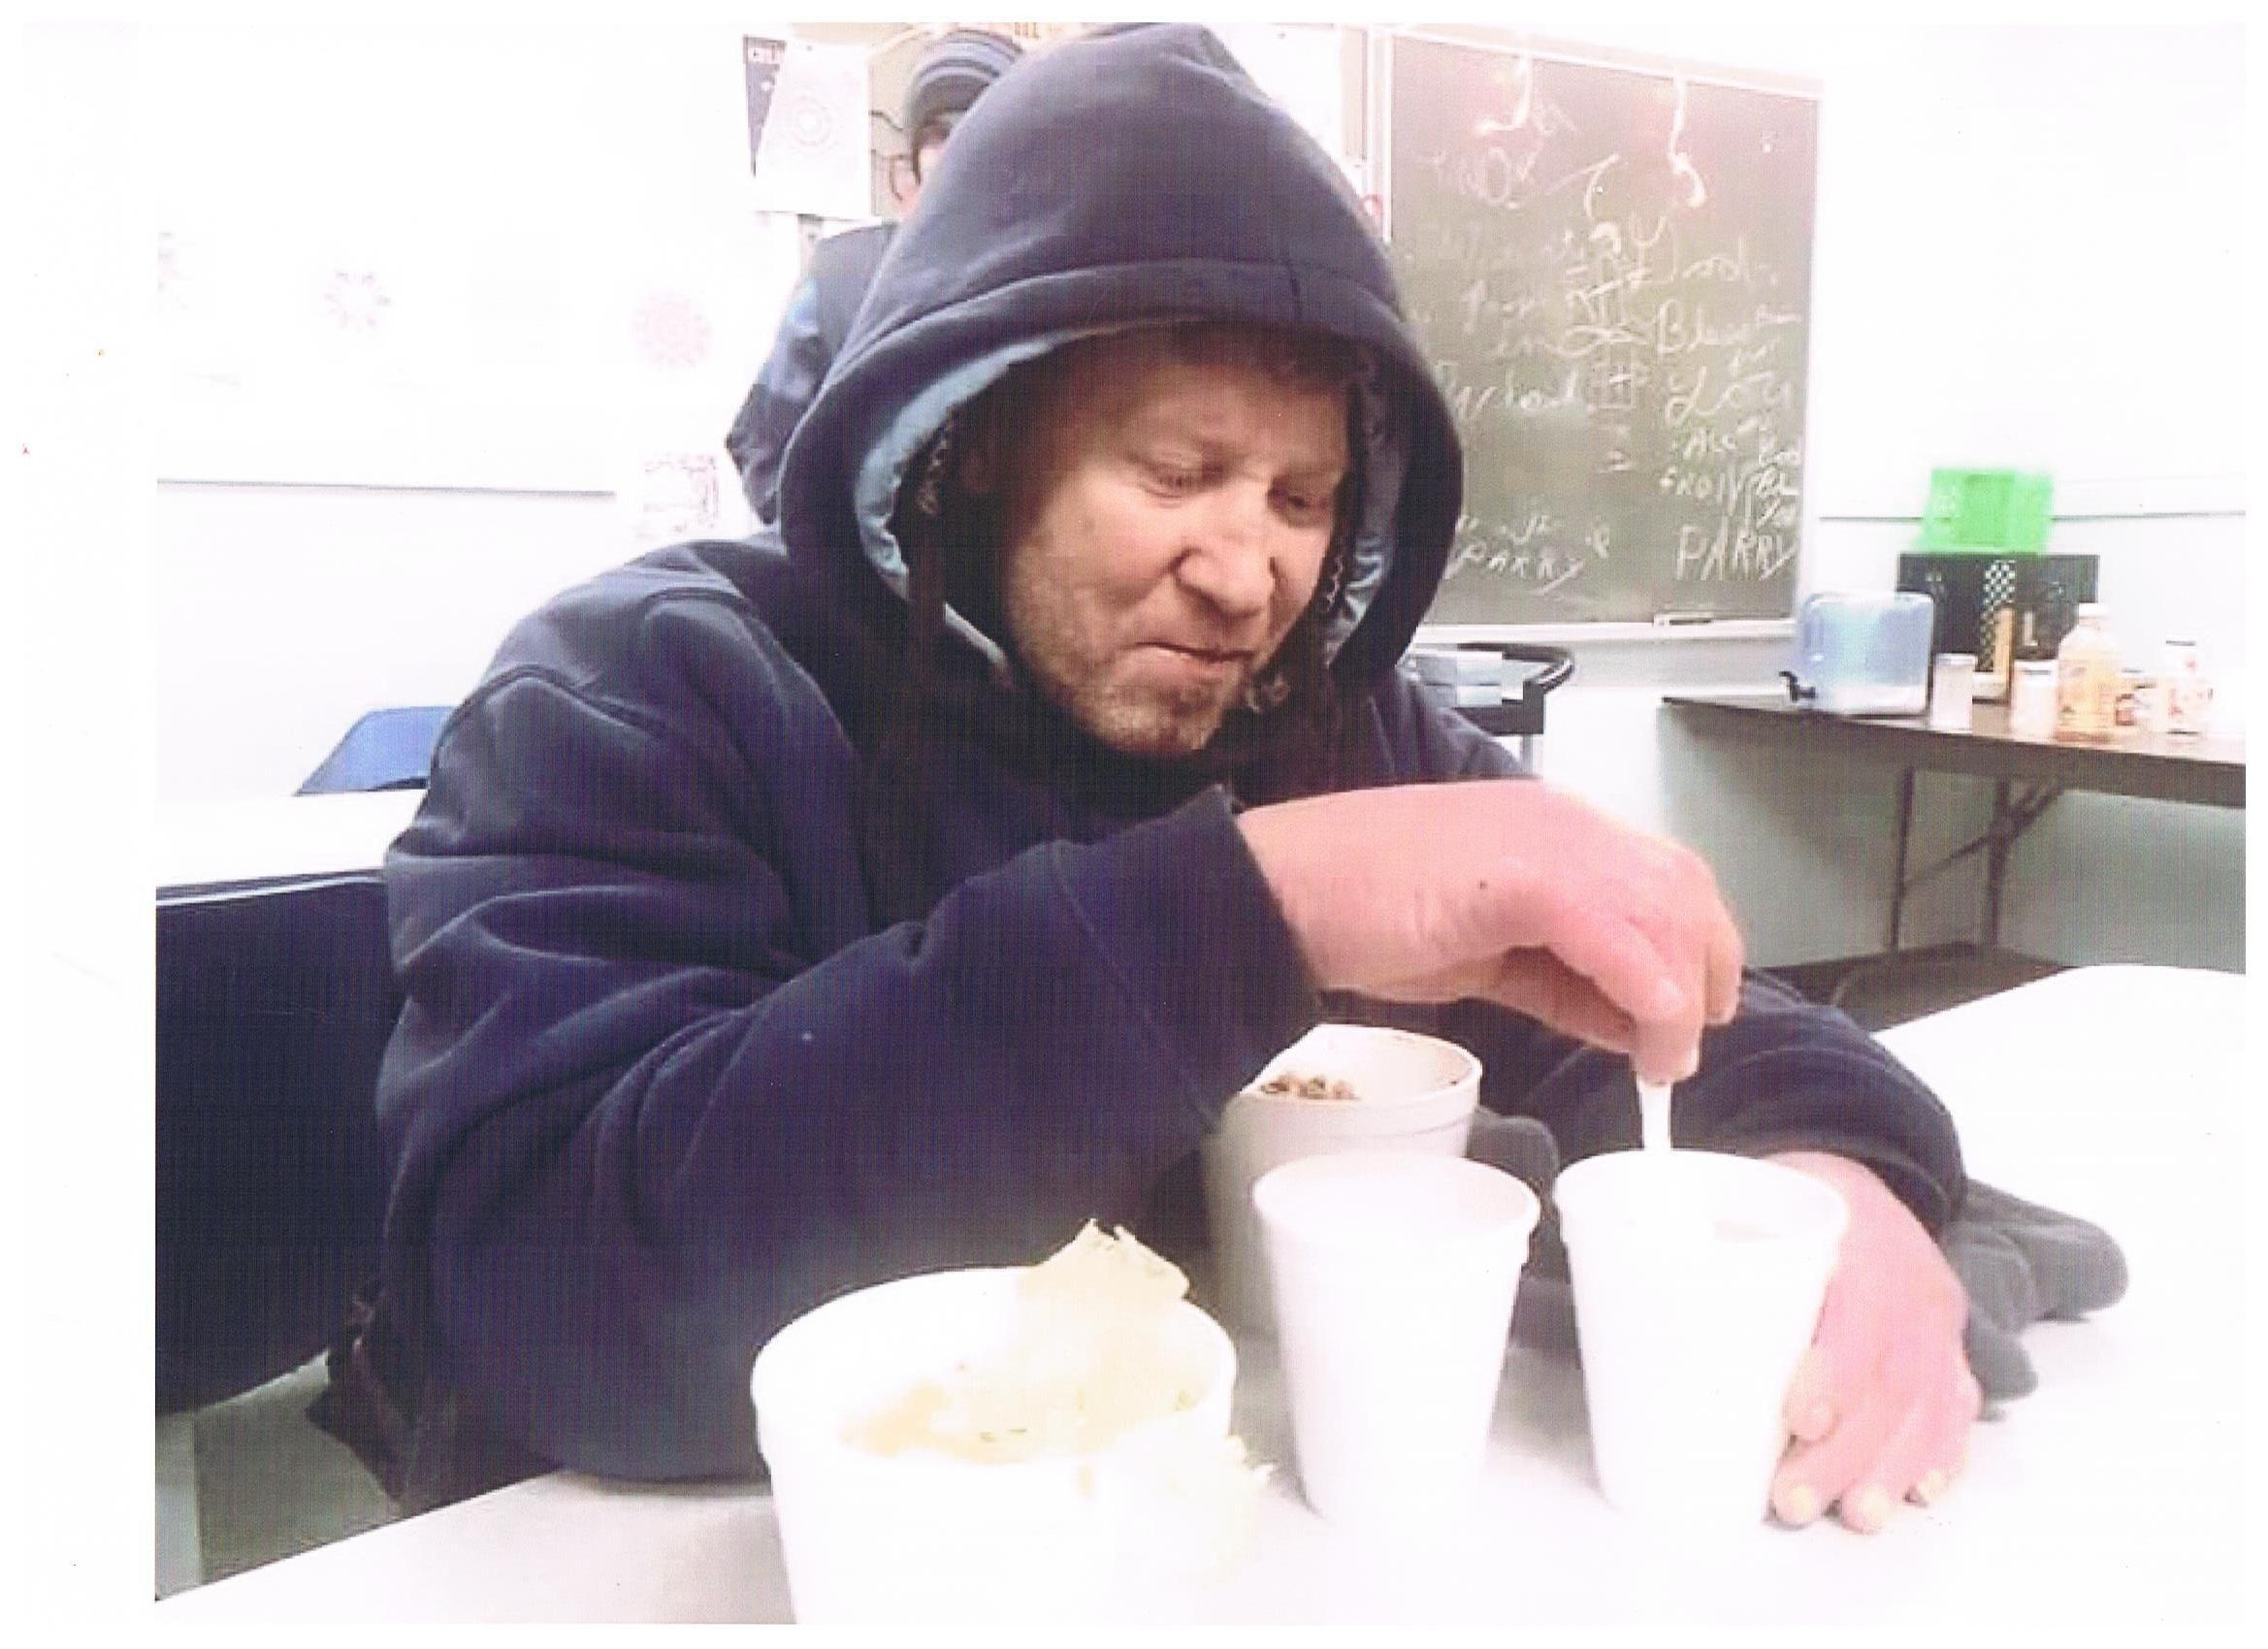 Windsor Man Missing Since June